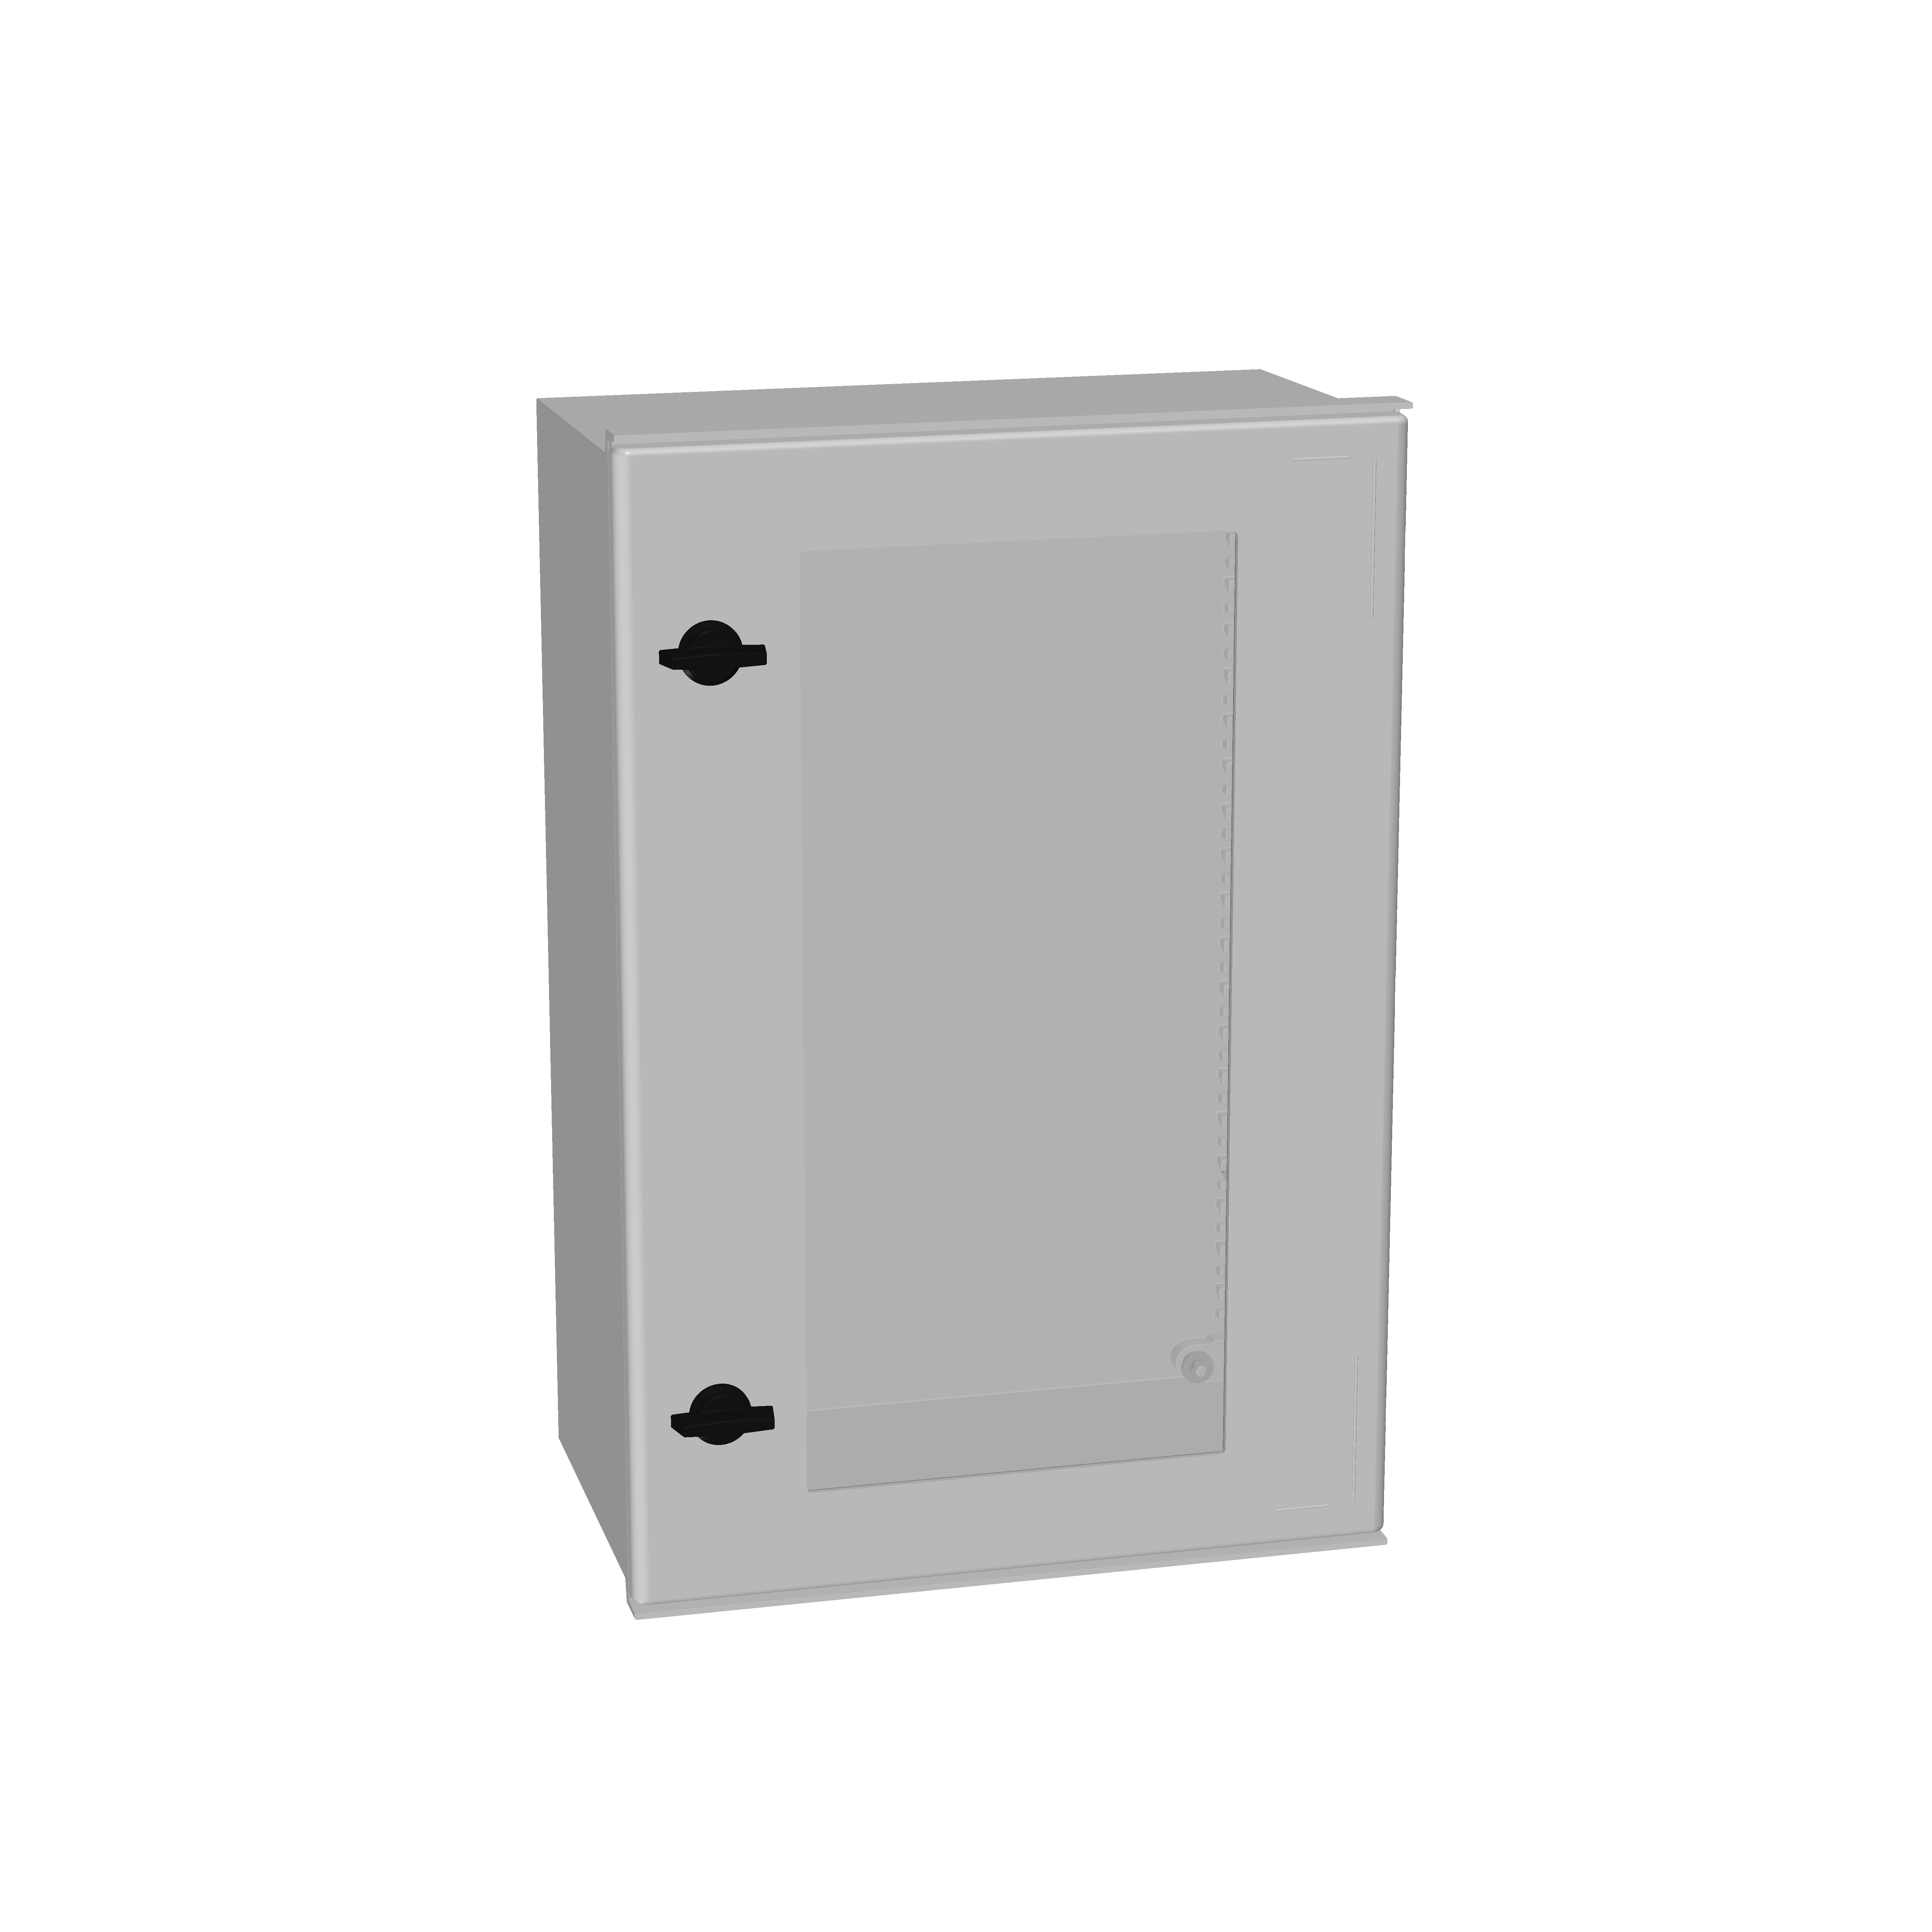 1 Stk Minipol-Wandschrank mit Sichtfenster 600x400x230mm IM008964--